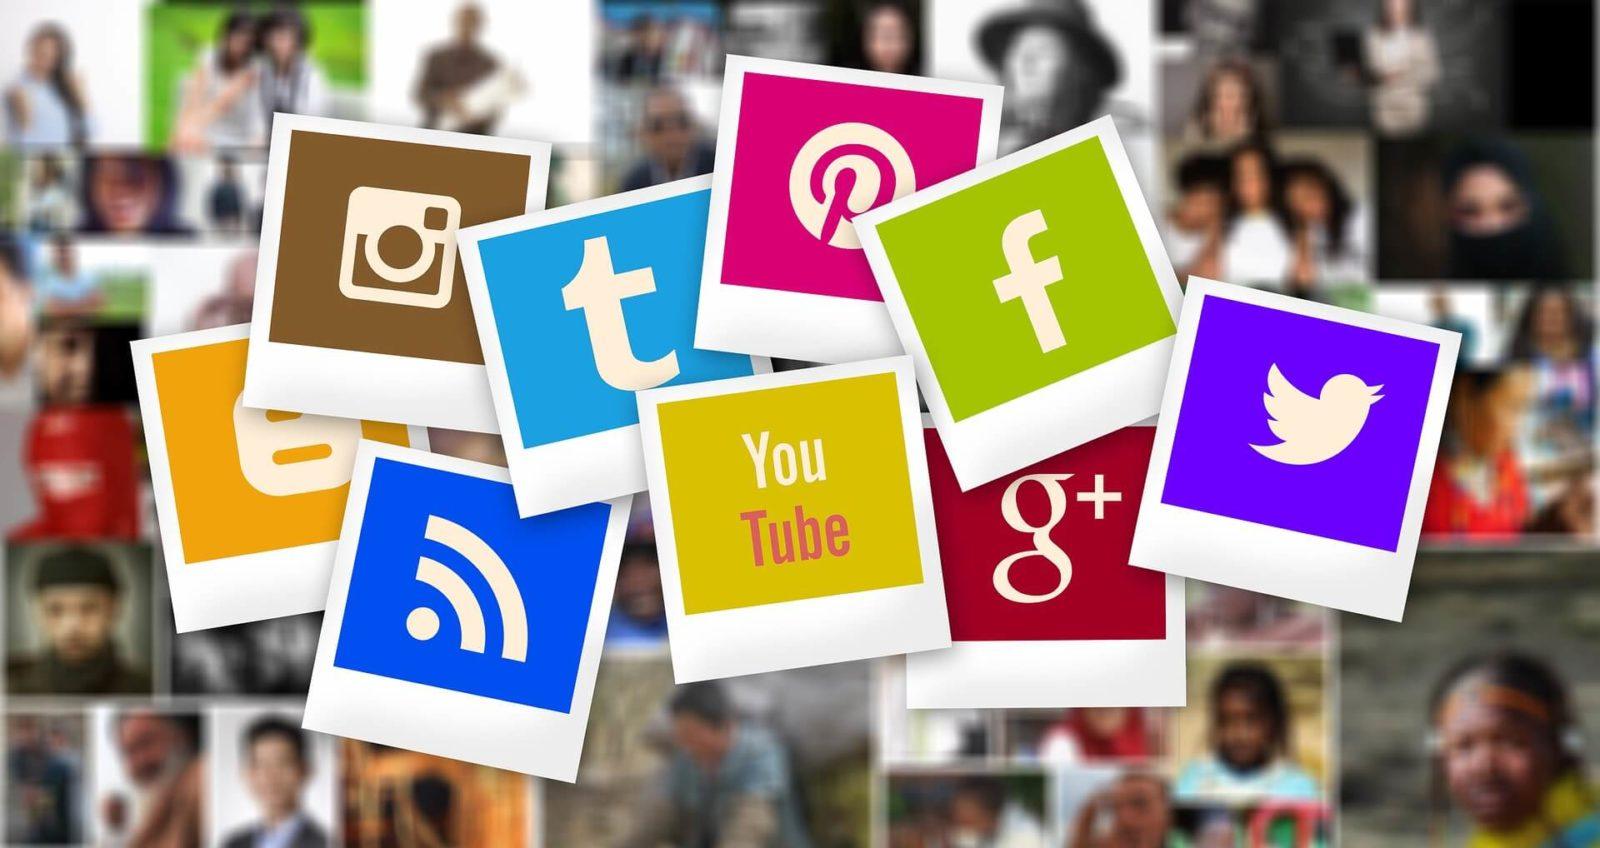 Guia de tamanhos para imagens nas redes sociais 2019 | A ideia digital